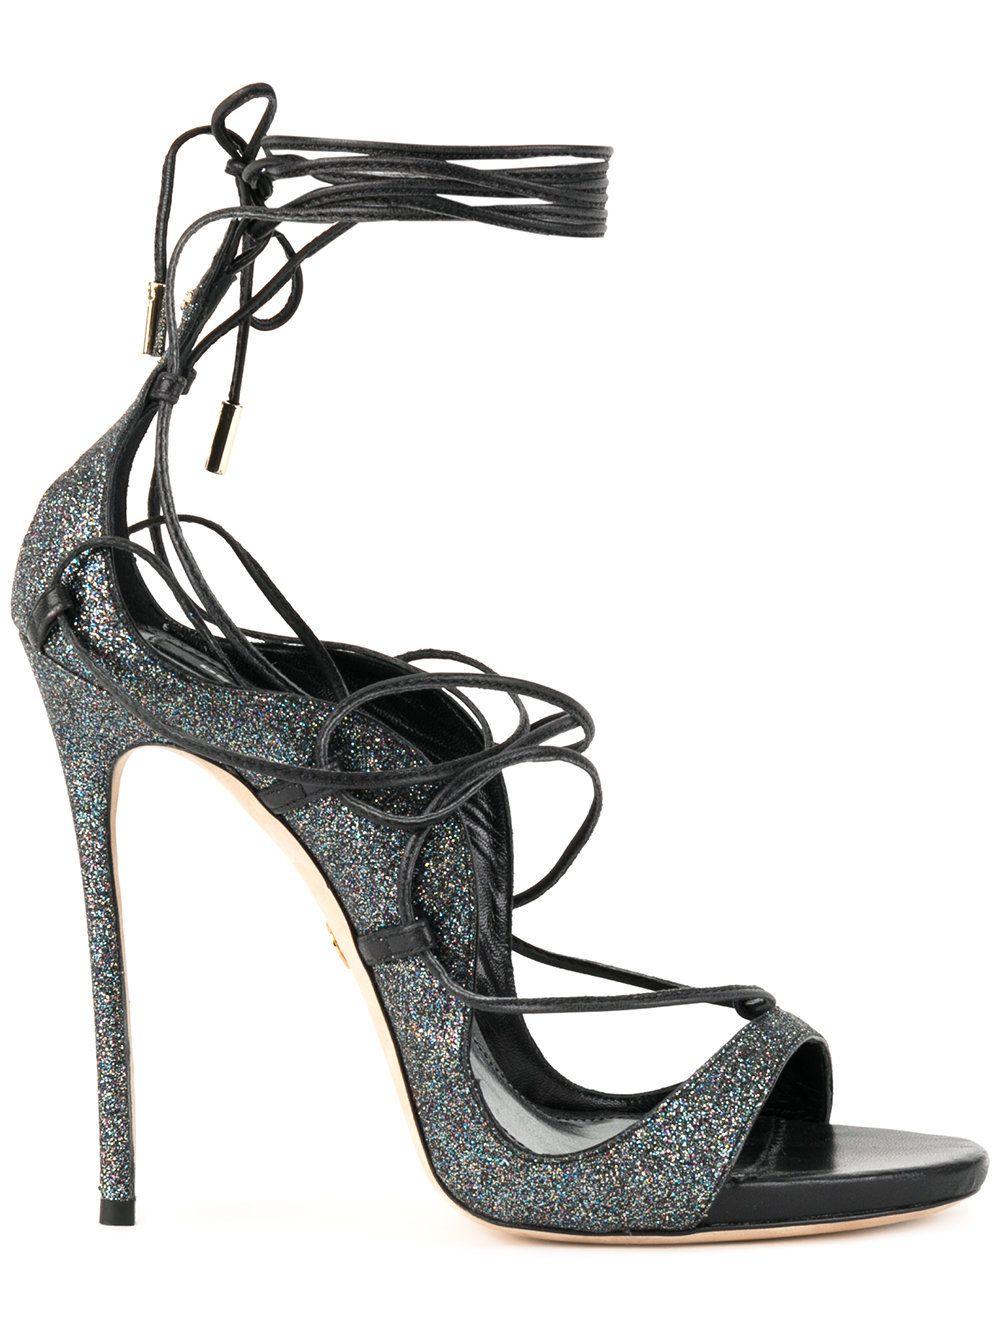 Dsquared2 Riri Glitter Sandals In Grey/Black